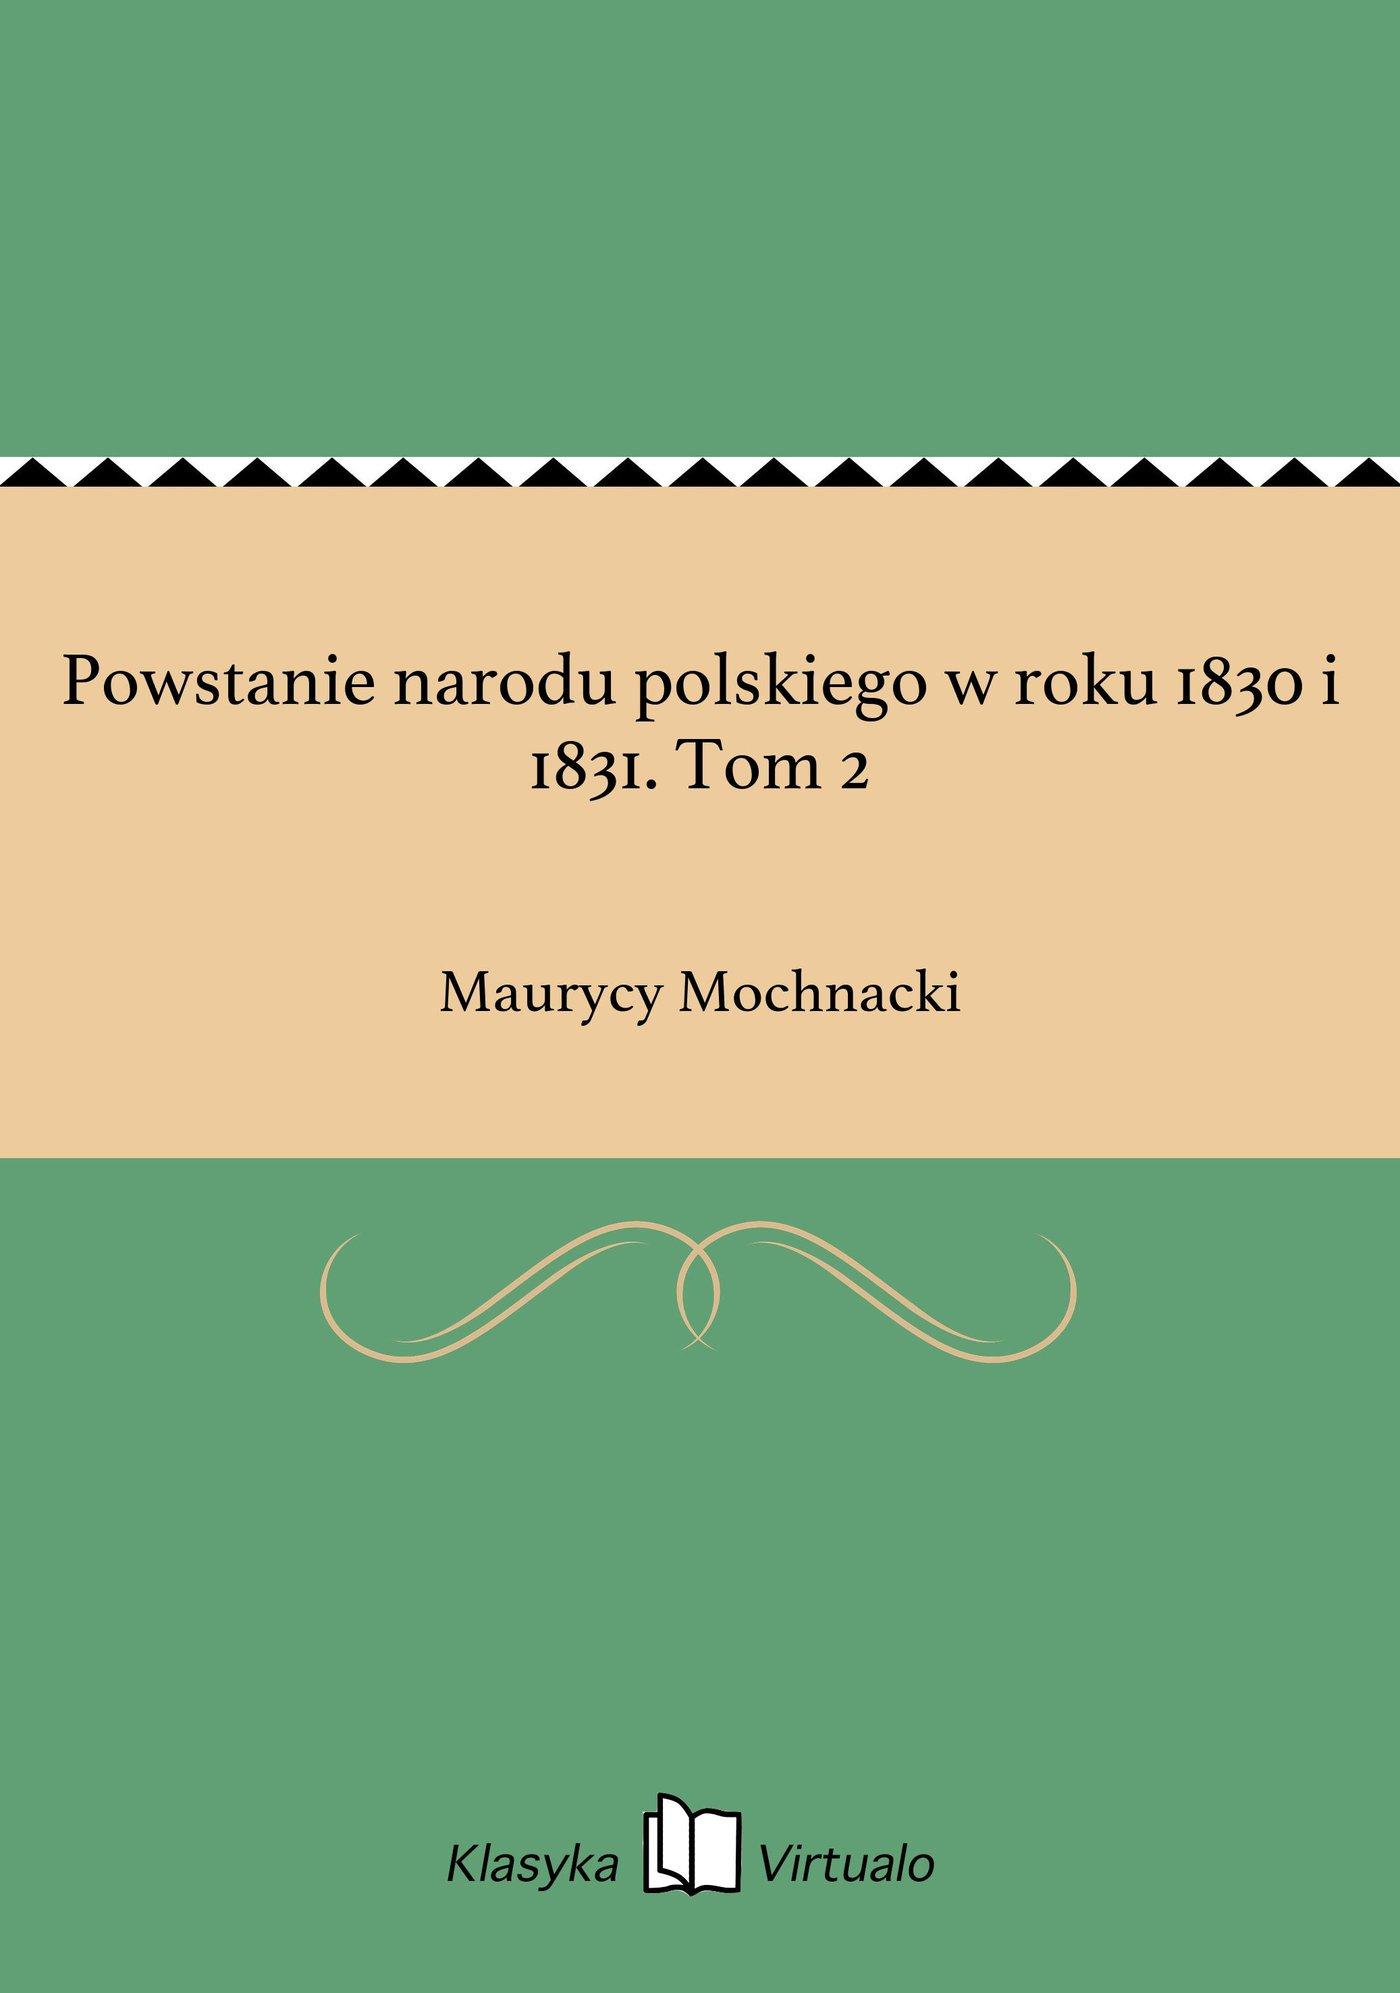 Powstanie narodu polskiego w roku 1830 i 1831. Tom 2 - Ebook (Książka EPUB) do pobrania w formacie EPUB